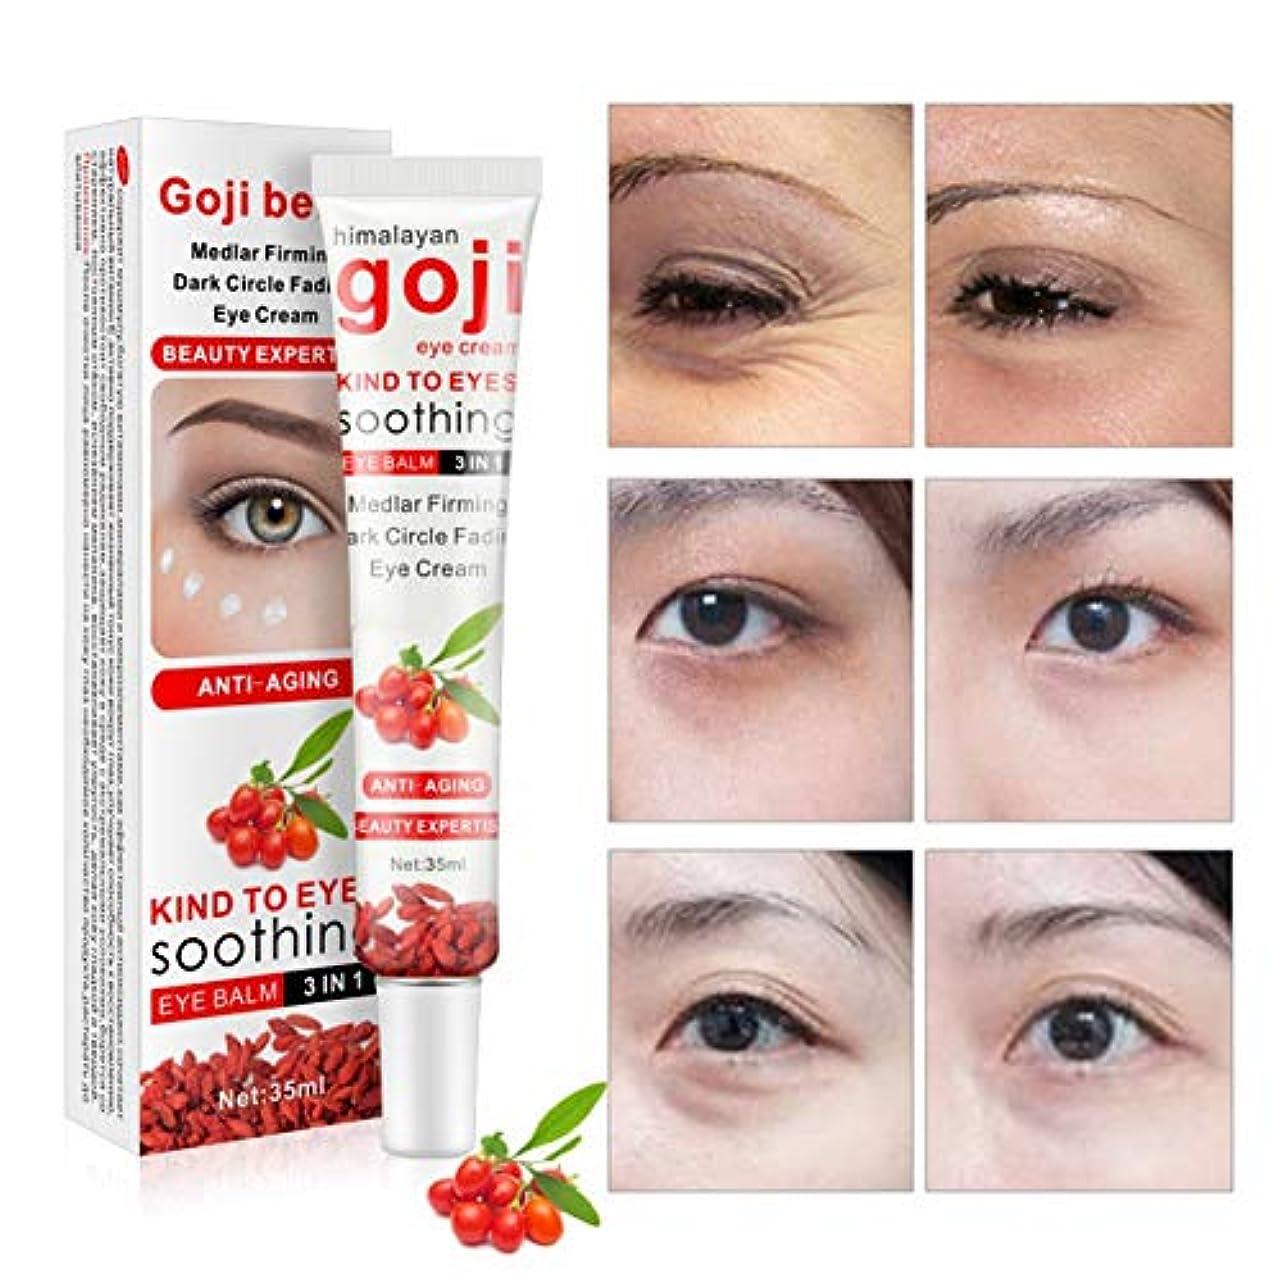 信じる理想的にはコートしわ防止アイクリーム、中国のクコの目の皮の更新のクリームの保湿の引き締めの希薄ダークサークルの目袋の希釈クリーム